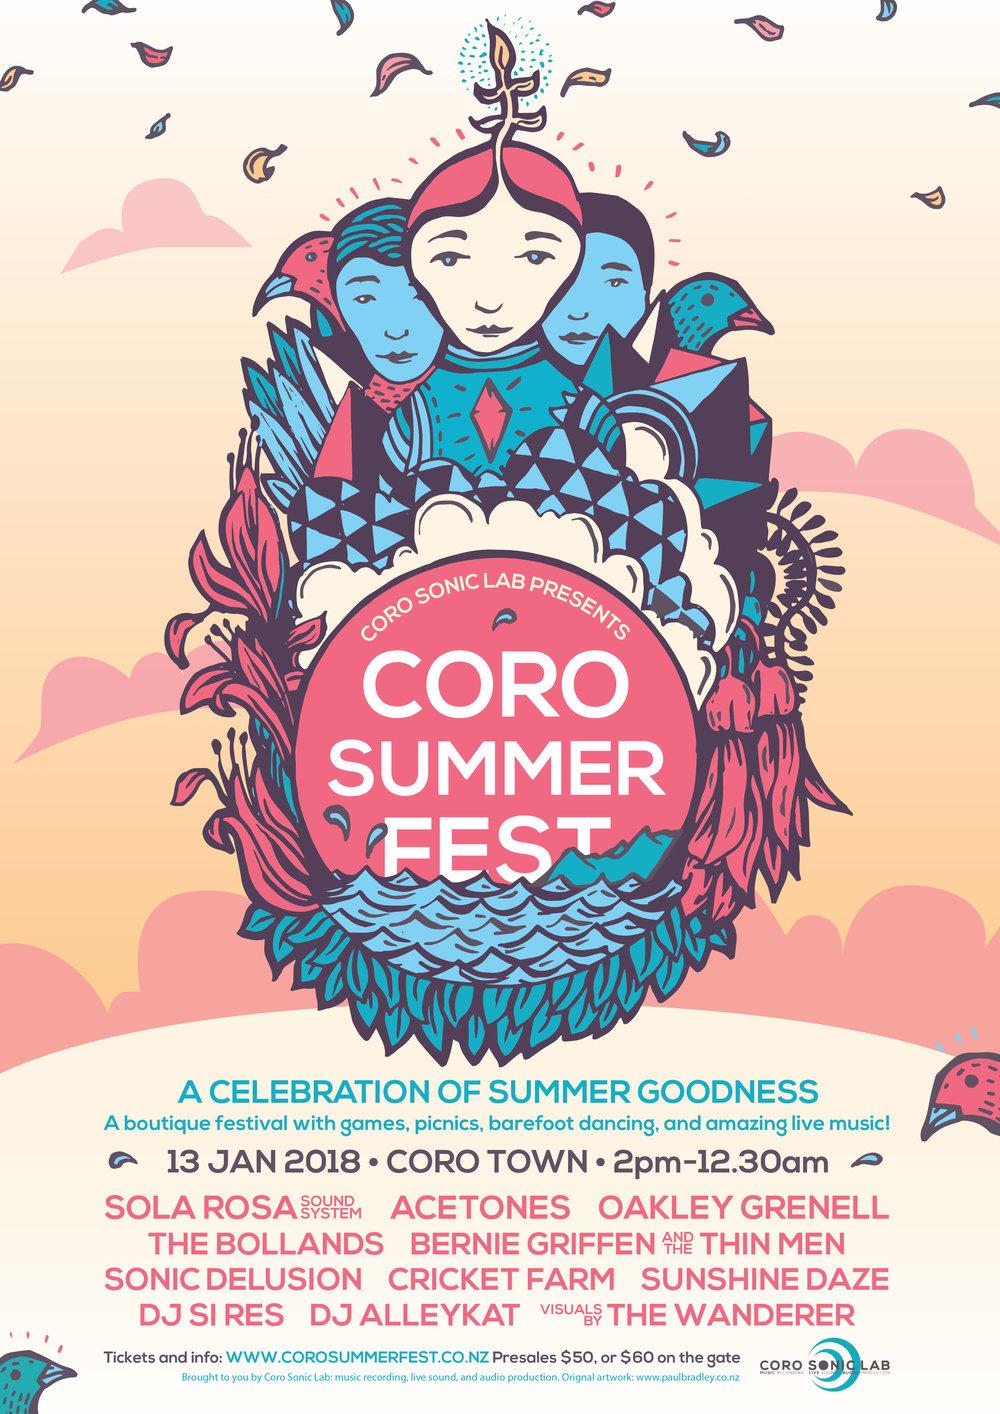 Coro Summer Fest poster